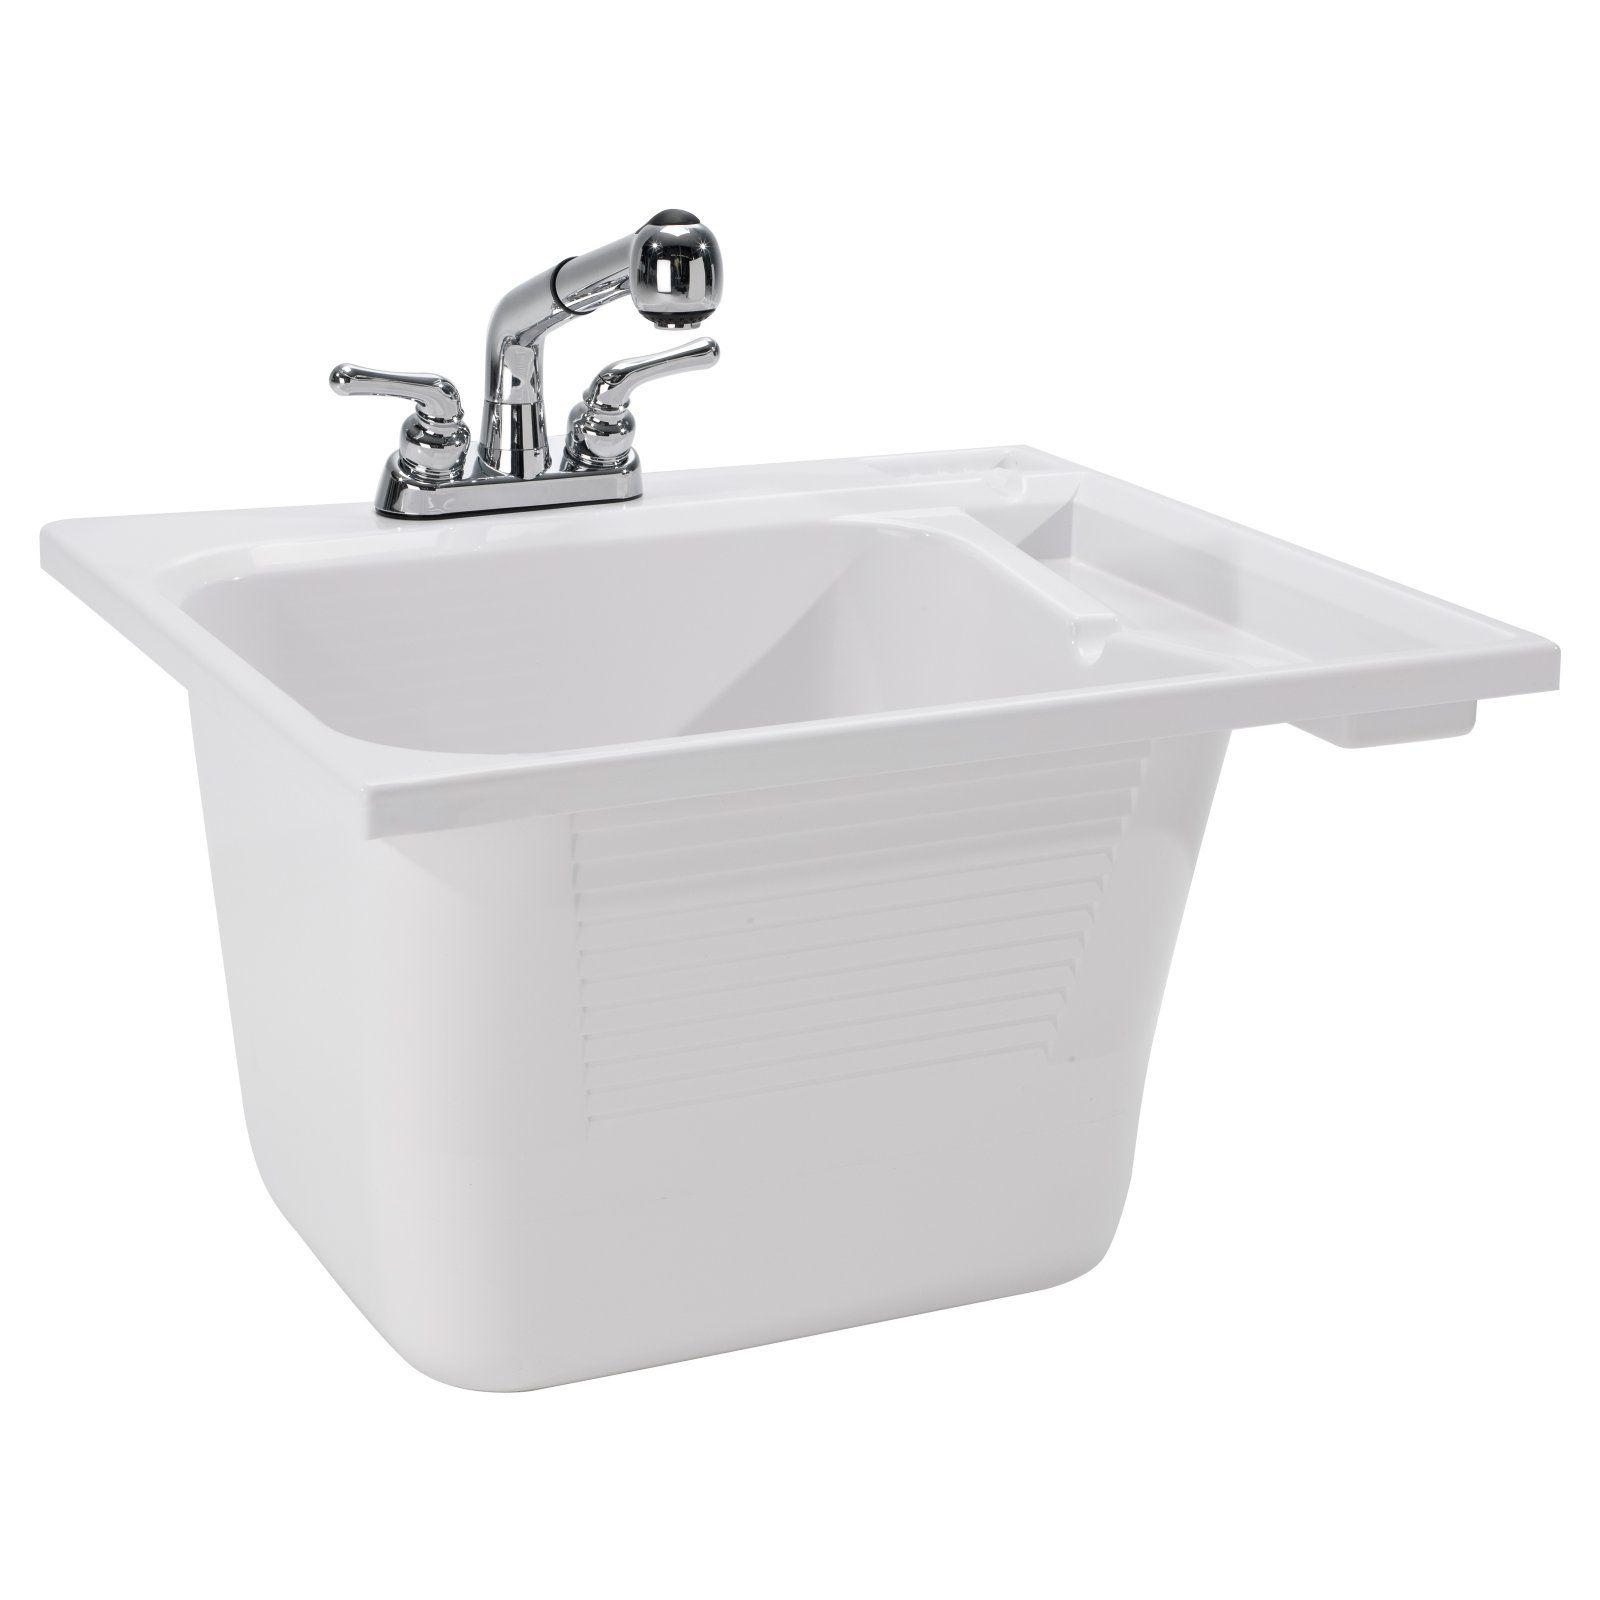 Cashel Drop In Utility Sink Kit Utility Sink Sink Traditional